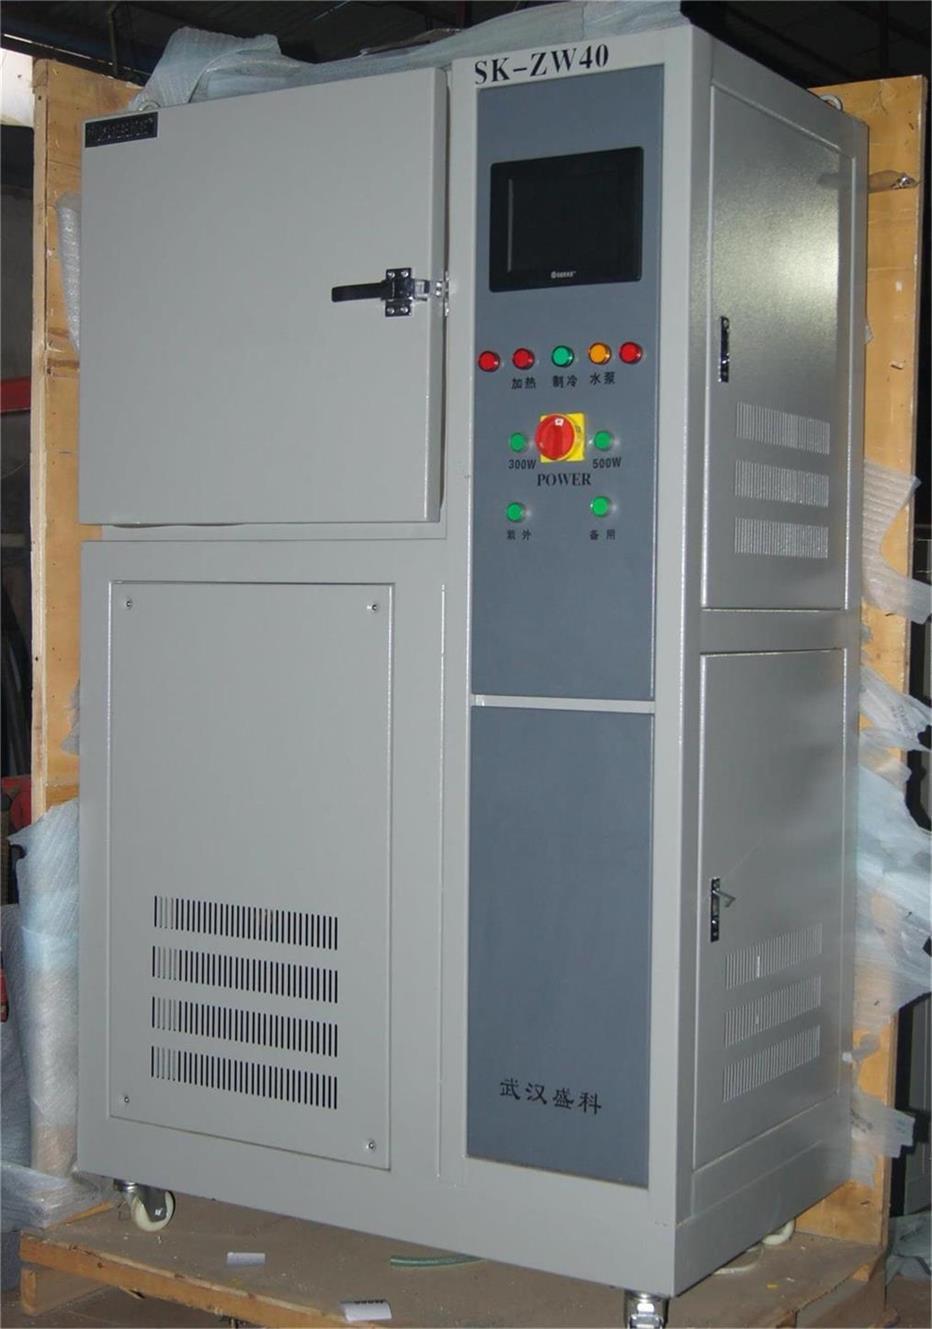 盛科SK-ZW40型中空玻璃耐紫外线辐照检测设备